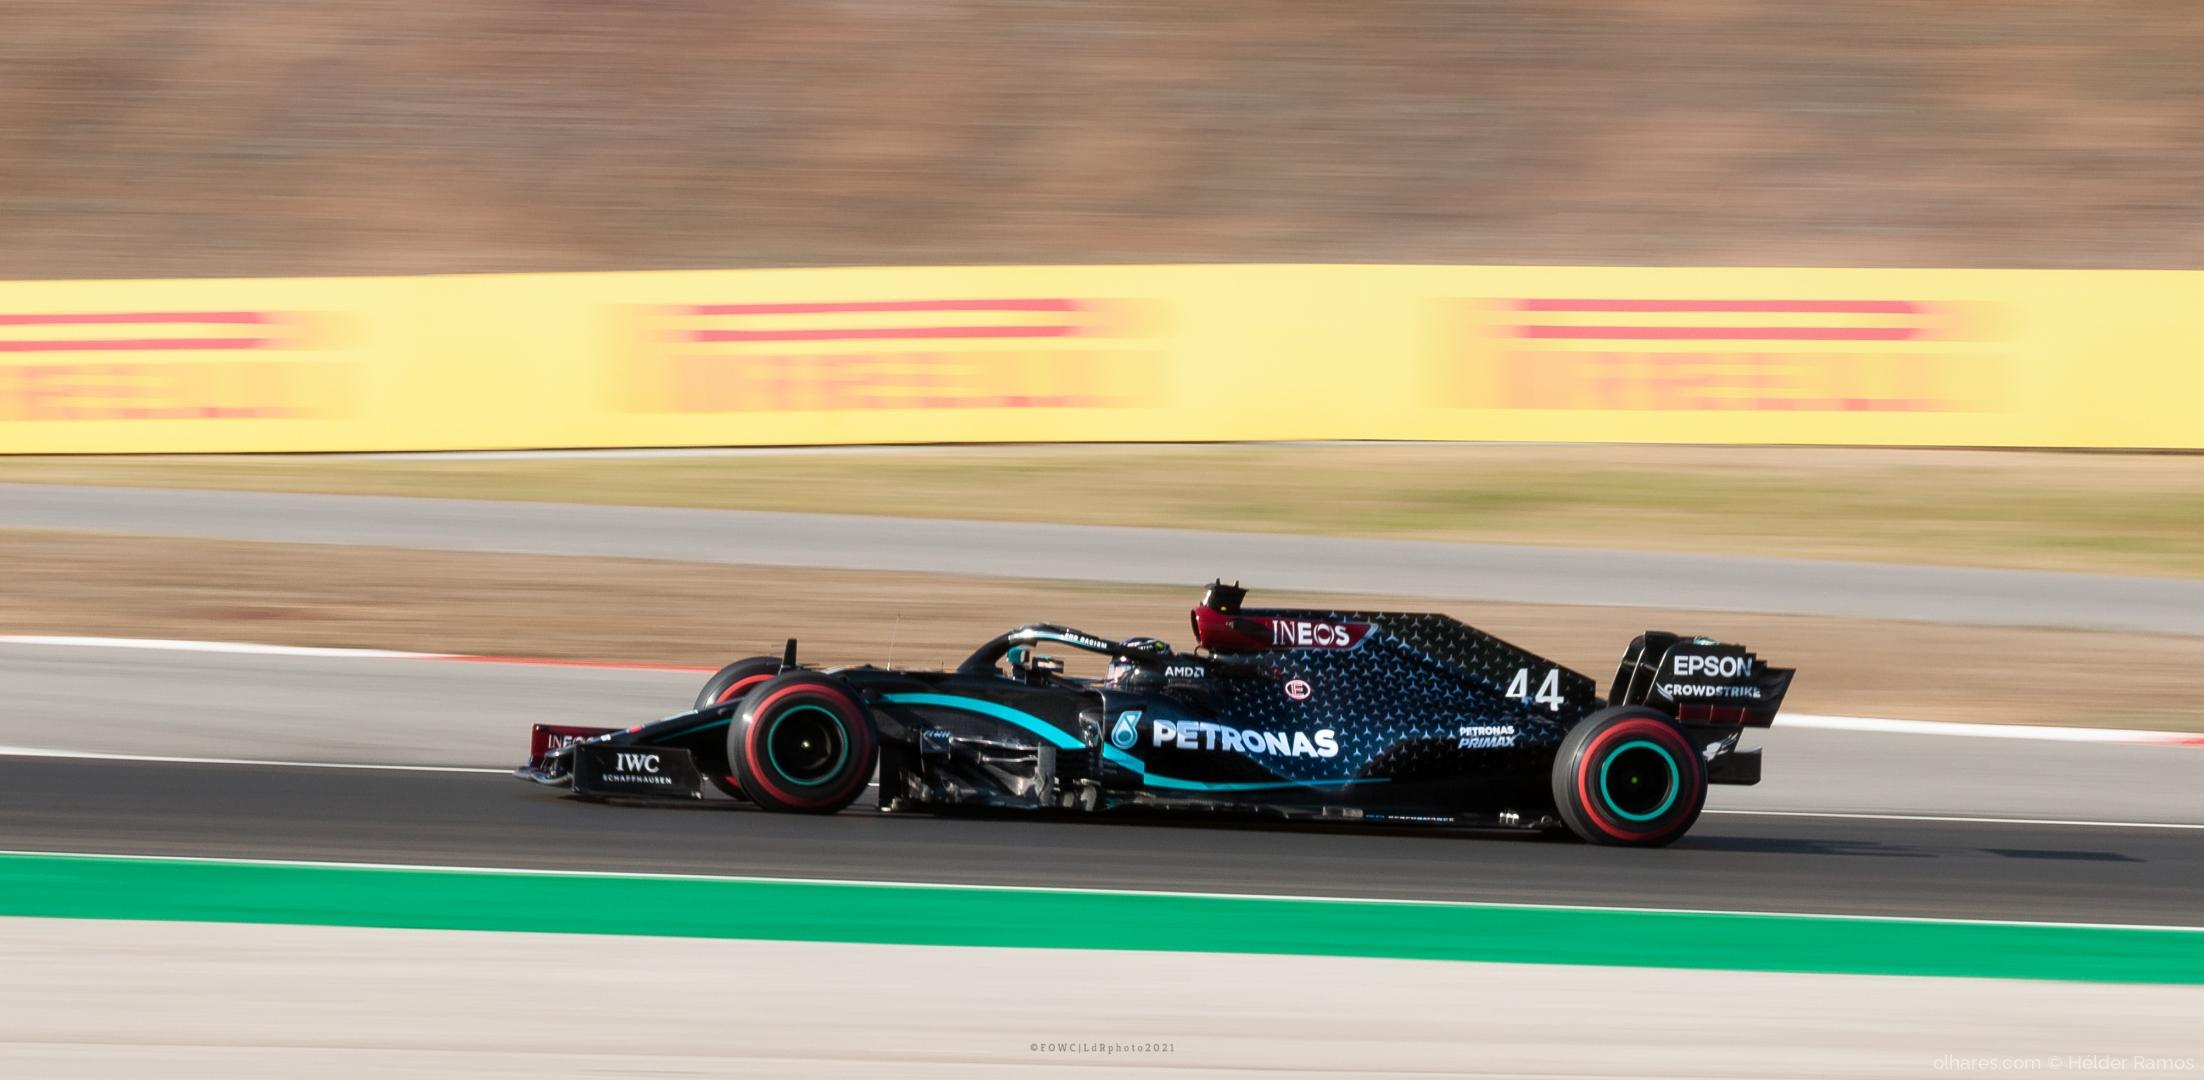 Desporto e Ação/Sir Lewis Hamilton